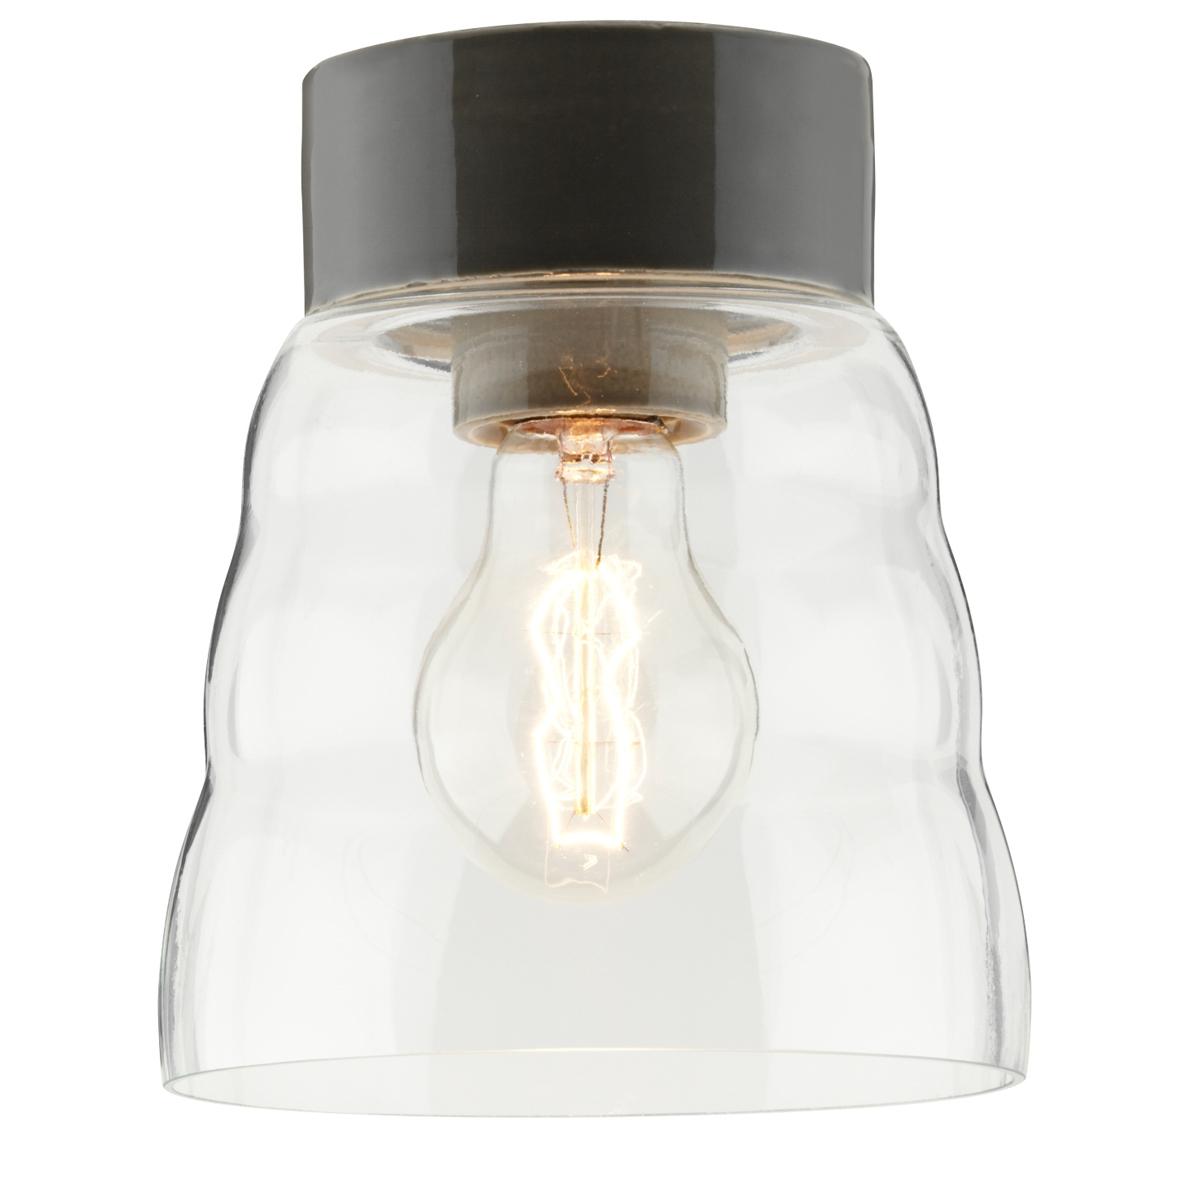 plafonnier scandinave intemporel aux formes lanc es et fabriqu en verre et en c ramique. Black Bedroom Furniture Sets. Home Design Ideas